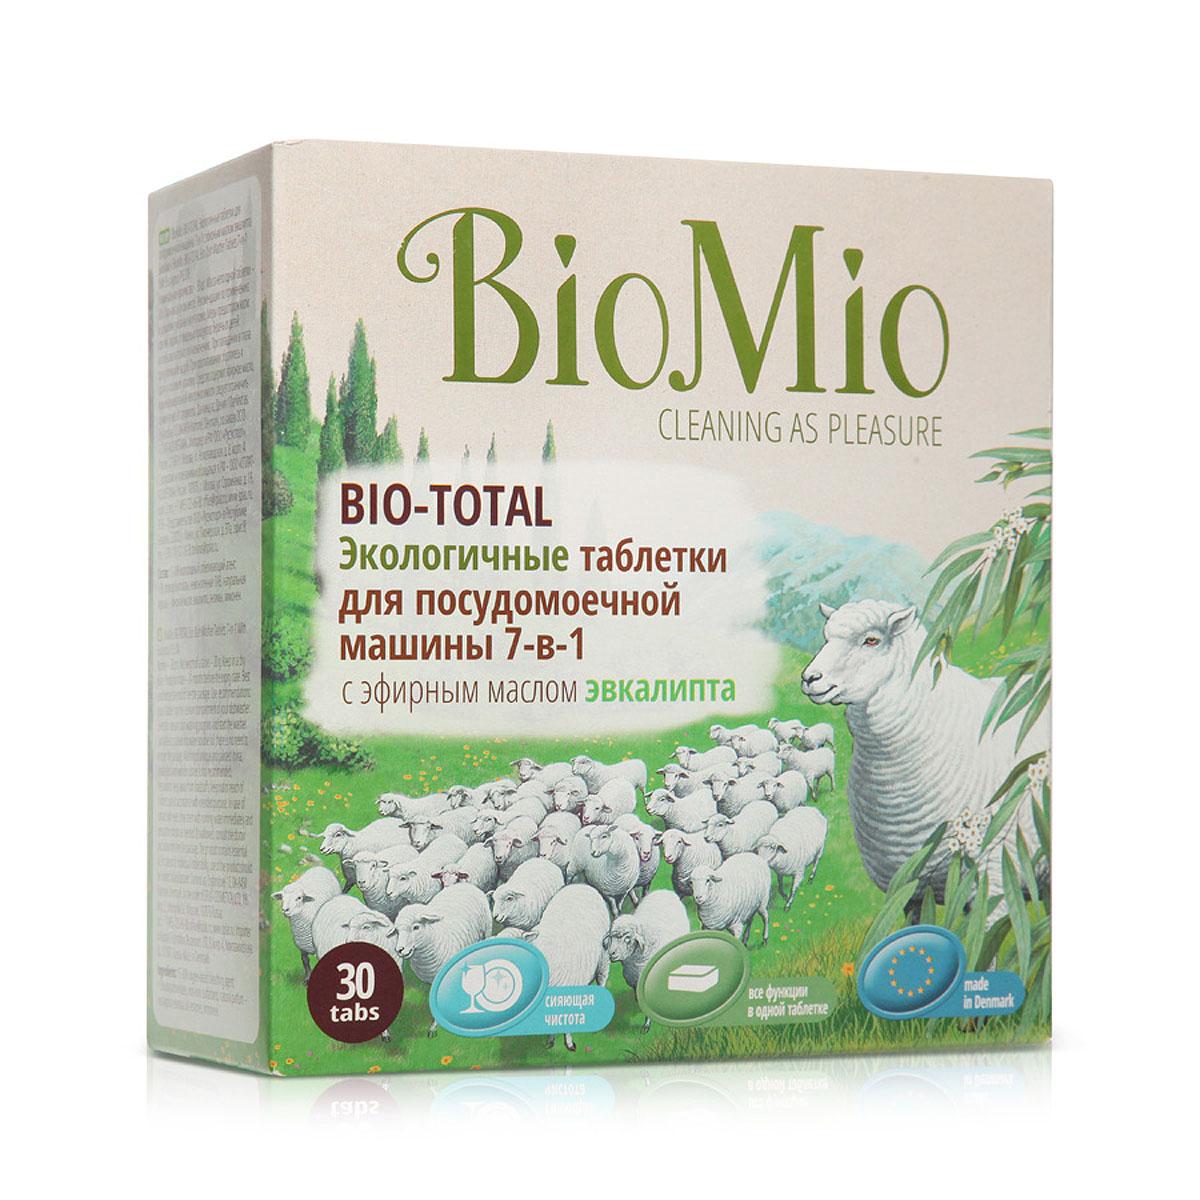 Таблетки для посудомоечной машины 7-в-1 BioMio, с эфирным маслом эвкалипта, 30 шт391602Экологичные таблетки для посудомоечной машины 7-в-1 BioMio эффективно и деликатно, с заботой о посуде, удаляют самые стойкие загрязнения даже при низких температурах. Ополаскиватель придает дополнительный блеск и сияние стеклу, нержавеющей стали. Смягчает воду (функция соли), предупреждая образование известкового налета, способствуя более надежной и долговечной работе машины. Нейтрализуют запахи. Водорастворимая упаковка избавляет от необходимости удалять ее перед применением. Безопасны для планеты. Не содержат: фосфаты, агрессивные ПАВ, SLS/SLES, PEG, ЭДТА, DEA, хлор, искусственные ароматизаторы. BioMio - линейка эффективных средств для дома, использование которых приносит только удовольствие. Уборка помогает не только очистить и гармонизировать свое пространство, но и себя, свои мысли, поэтому важно ее делать с радостью. Средства, созданные с любовью и заботой, помогут в этом и идеально справятся с загрязнениями, оставаясь при этом абсолютно безопасными и экологичными. Благодаря натуральным эфирным маслам они поднимут настроение и подарят наслаждение, а натуральные активные компоненты бережно позаботятся о коже рук во время стирки и уборки. Средства BioMio незаменимы, если в доме есть ребенок.Состав: 15-30% кислородный отбеливающий агент; Количество таблеток в упаковке: 30 шт.Все одной таблетки: 20 г.Общий вес: 600 г.Товар сертифицирован.